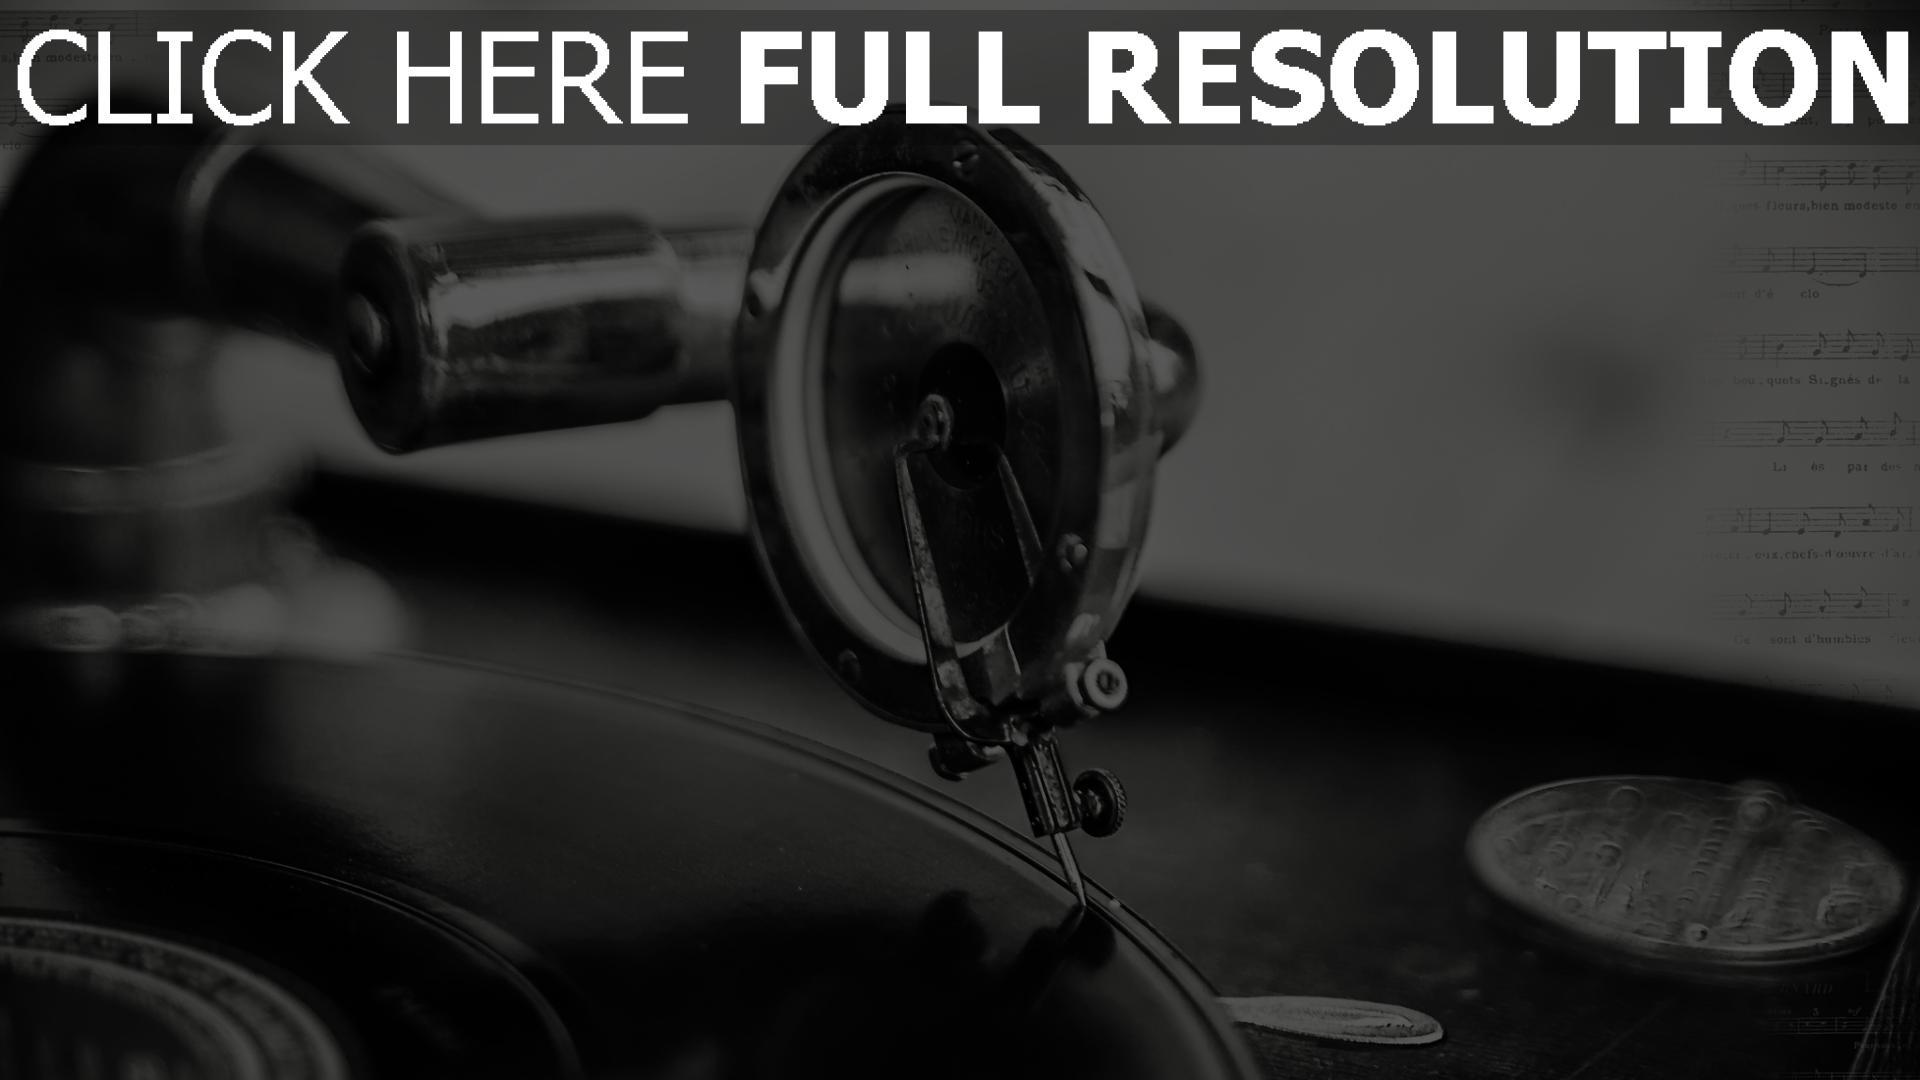 Extrem HD Hintergrundbilder musik vinyl-plattenspieler schwarz-weiß  WP69